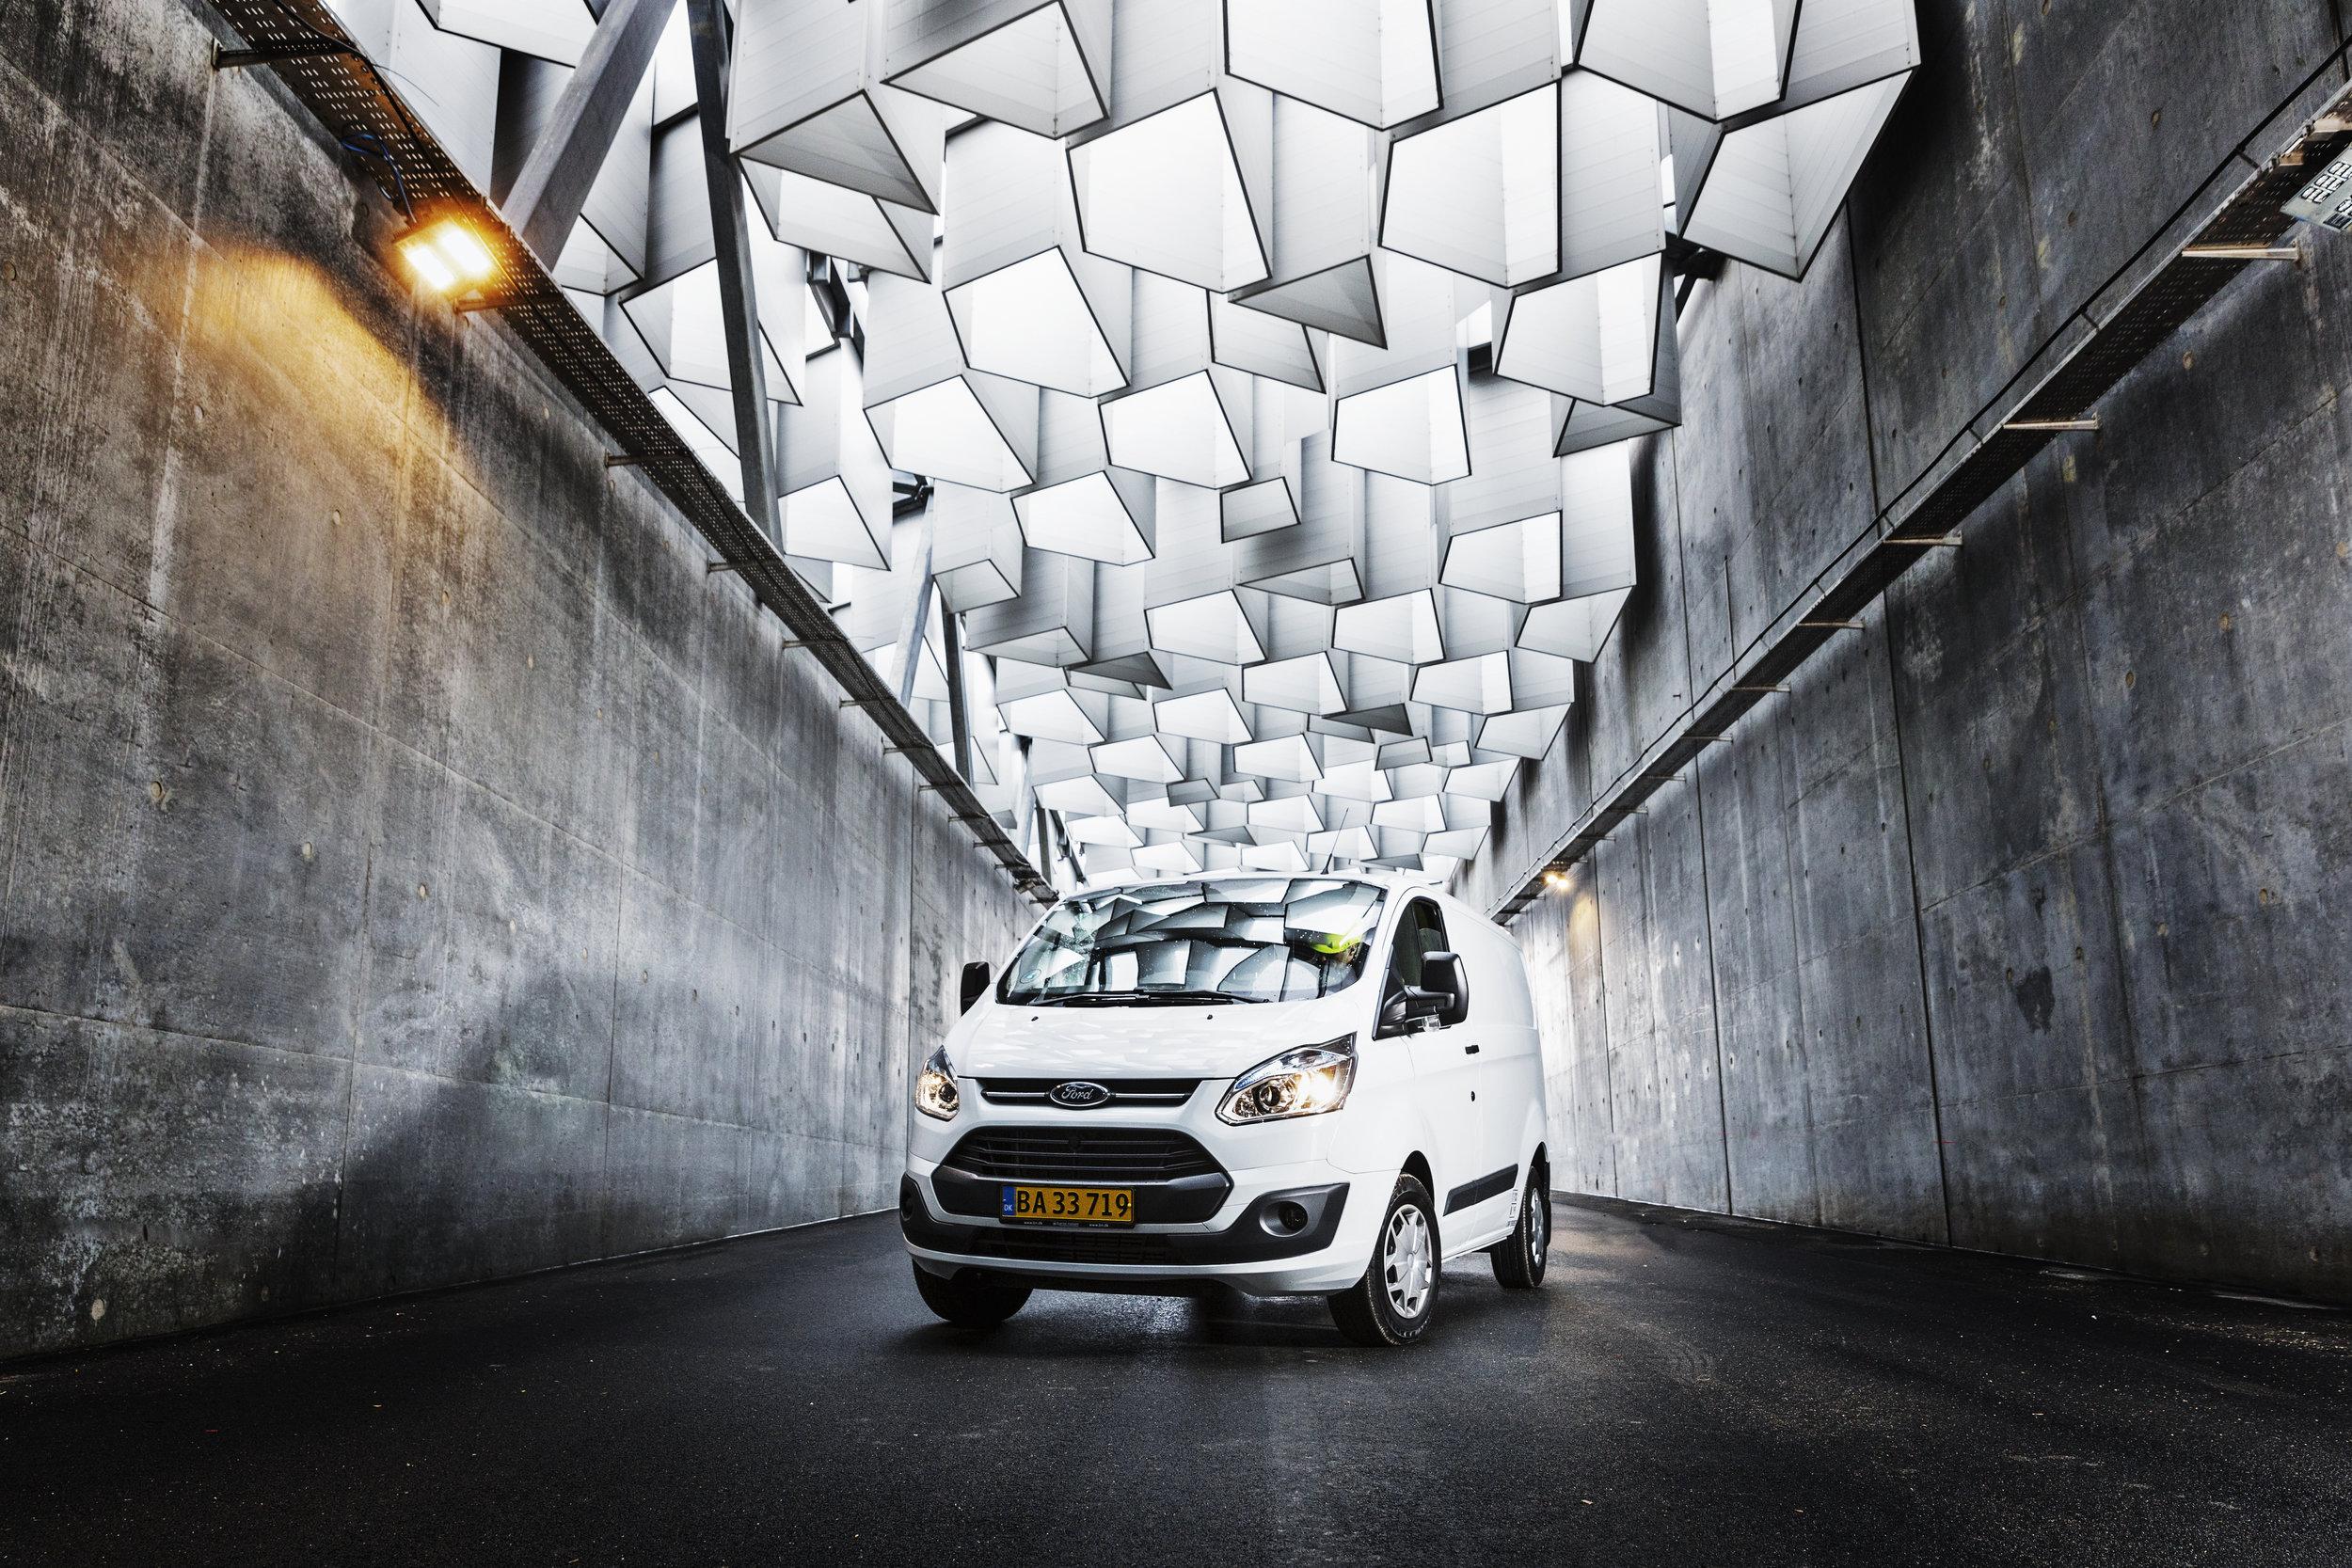 Audascan 360 - • Actueel en volledig, tot 150 datavelden met risicobepalende voertuiggegevens.• Juiste consumentenprijs voor vaststellen premiehoogte.• Directe signalering van uitzonderingen zoals import, taxi en RDW statussen.• Snelle implementatie tegen lage kosten.